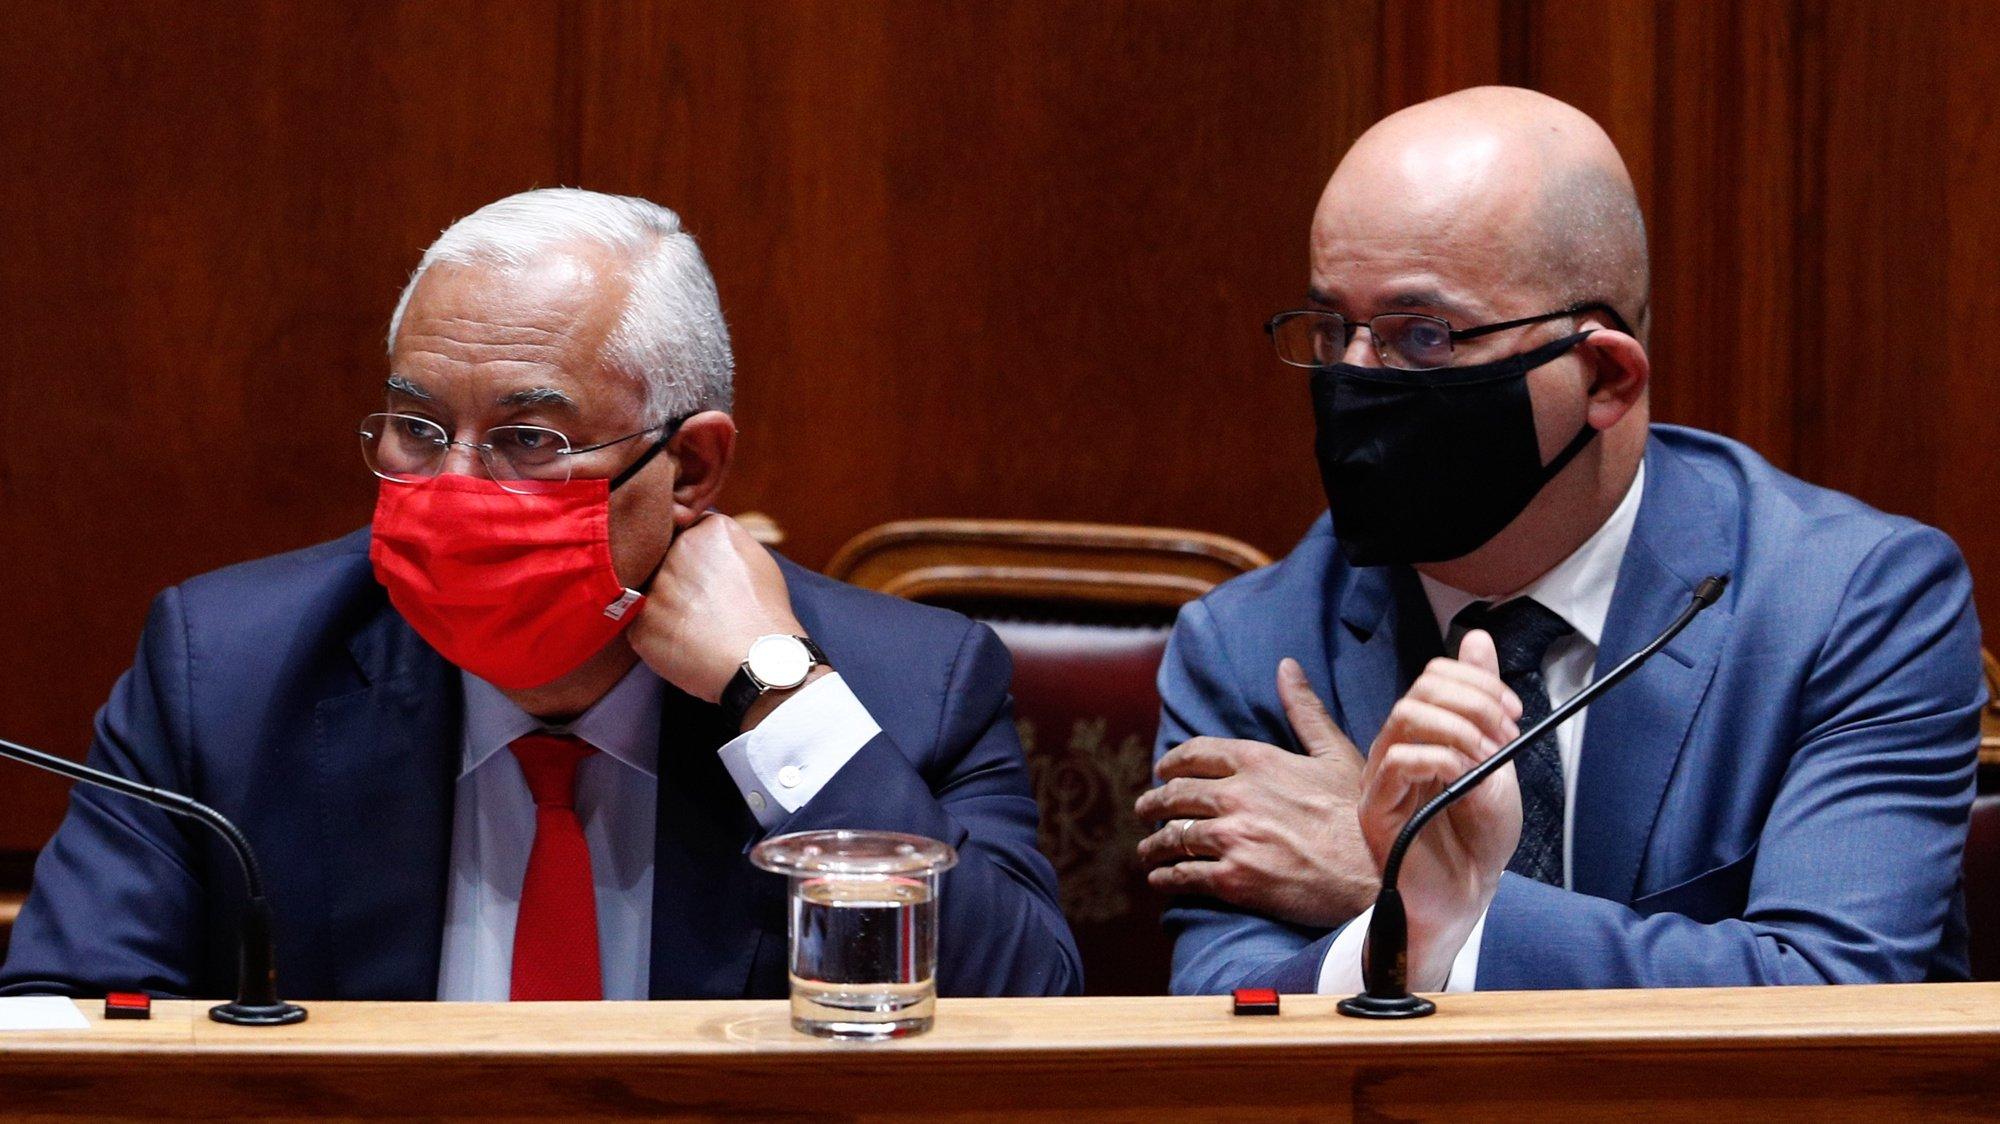 O primeiro-ministro, António Costa (E), ladeado pelo ministro de Estado e das Finanças, João Leão (D), durante o debate parlamentar de discussão na generalidade do Orçamento do Estado para 2021 (OE2021), na Assembleia da República, em Lisboa, 27 de outubro de 2020. ANTÓNIO COTRIM/LUSA